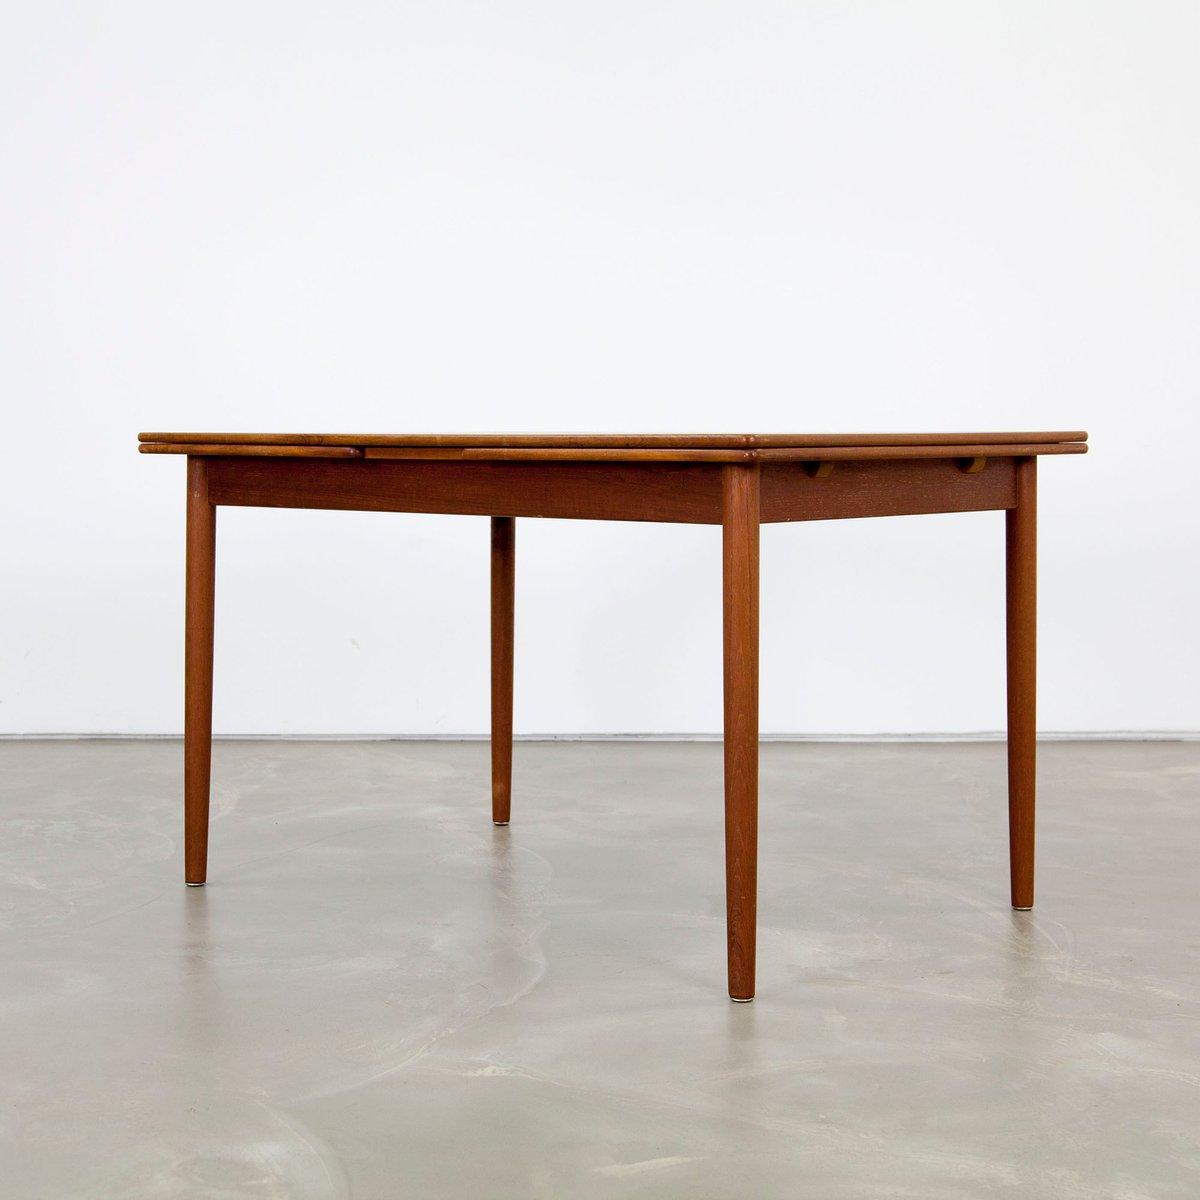 Table de salle manger en teck avec double rallonges 1960s en vente sur pamono - Solde table salle a manger ...